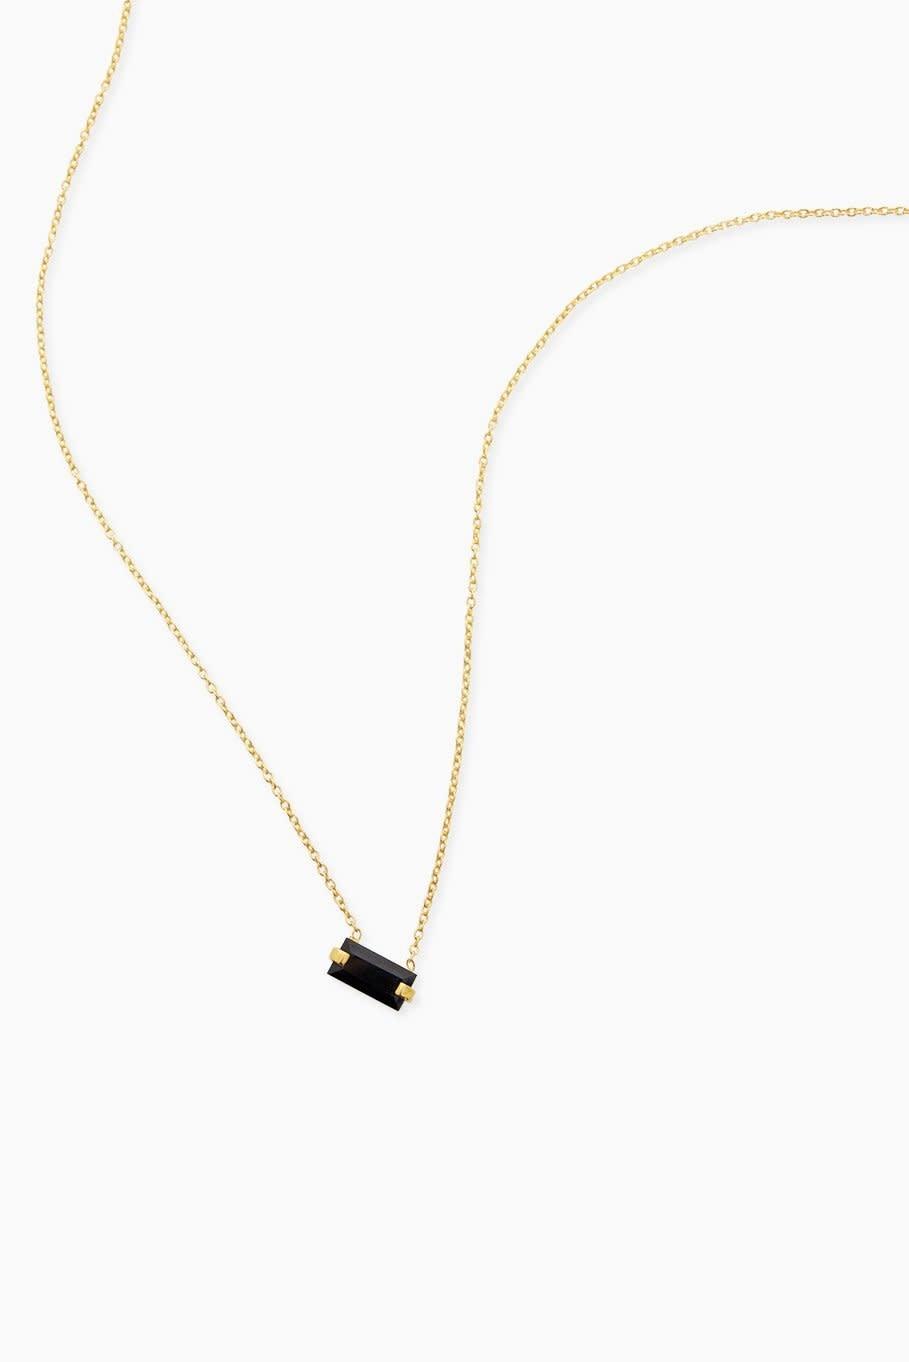 Détail Detail necklace Marta Spinel GP (8076)